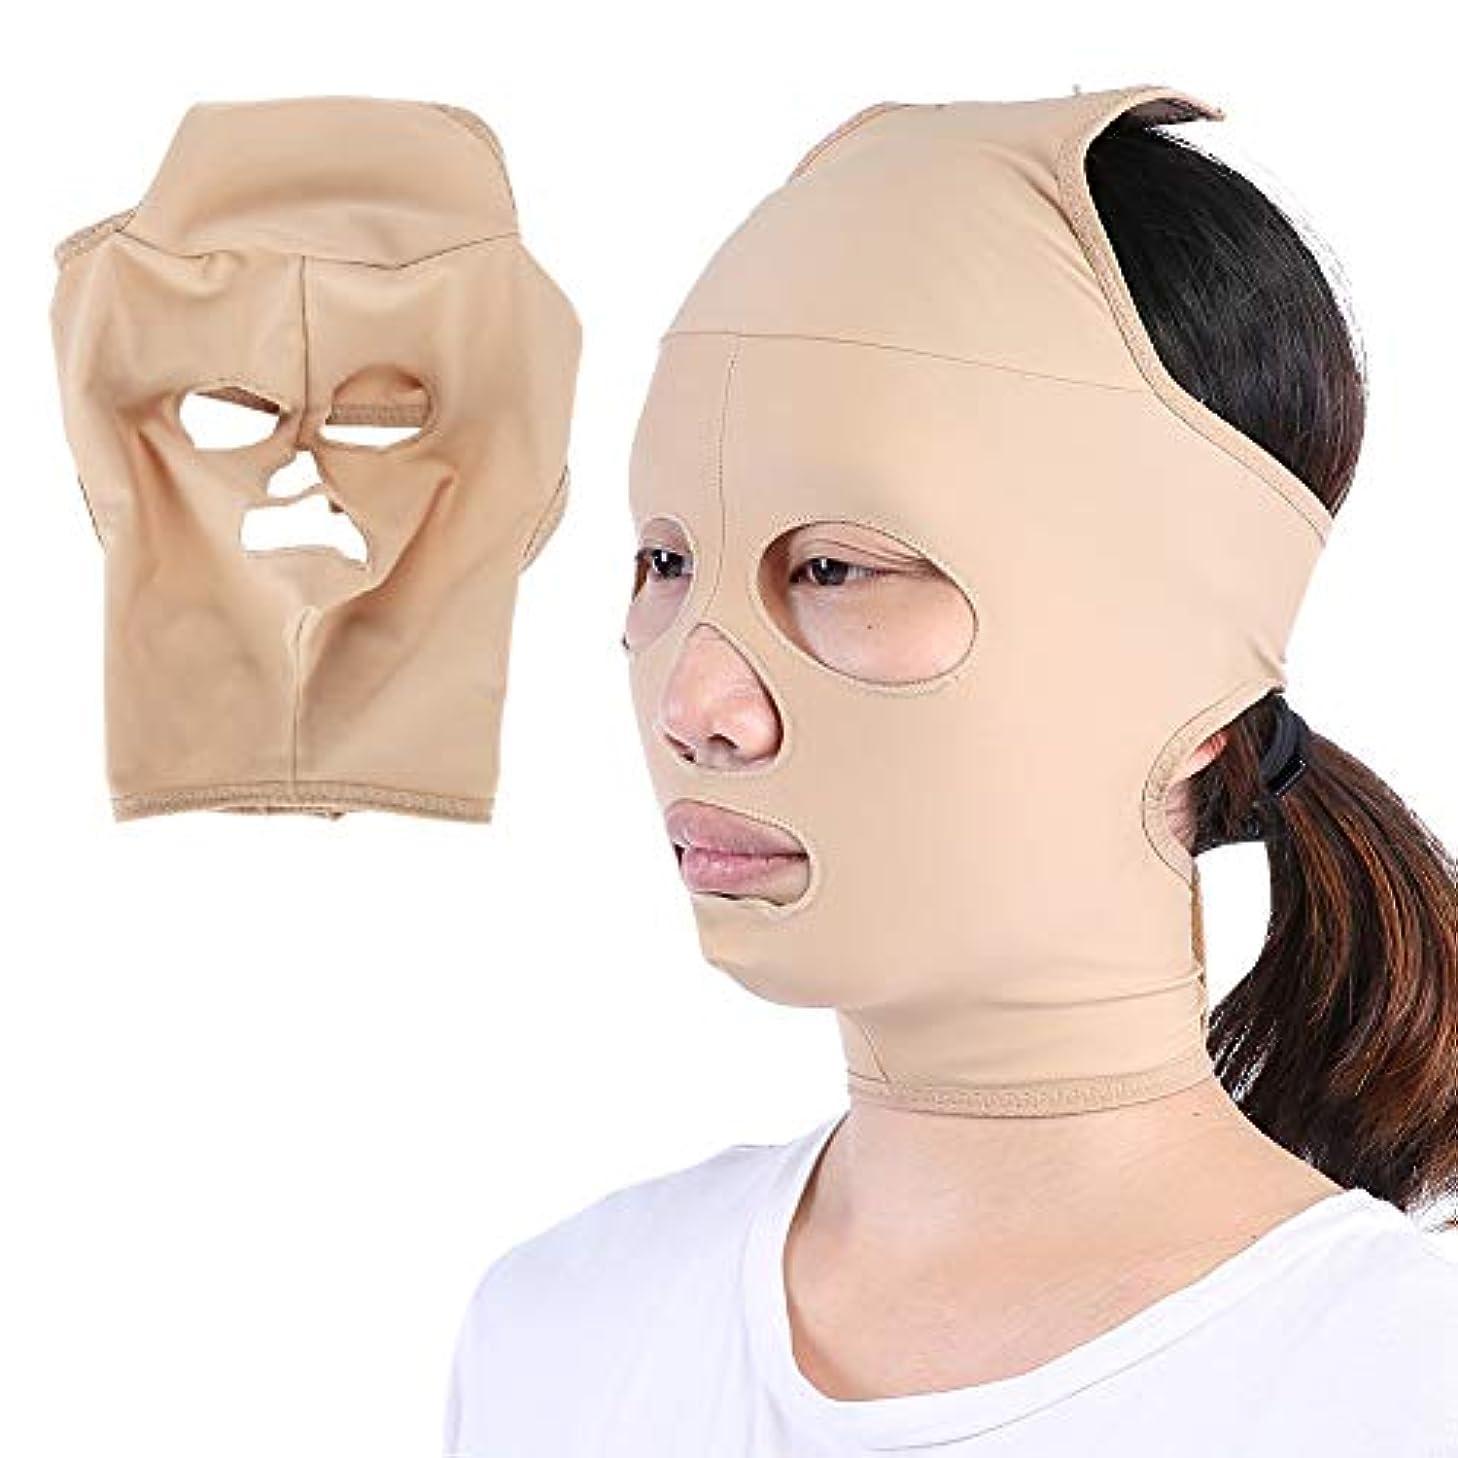 ボア凍結アーティスト顔の减量のベルト、完全なカバレッジ 顔のVラインを向上させる 二重顎を減らす二重顎、スキンケア包帯(M)